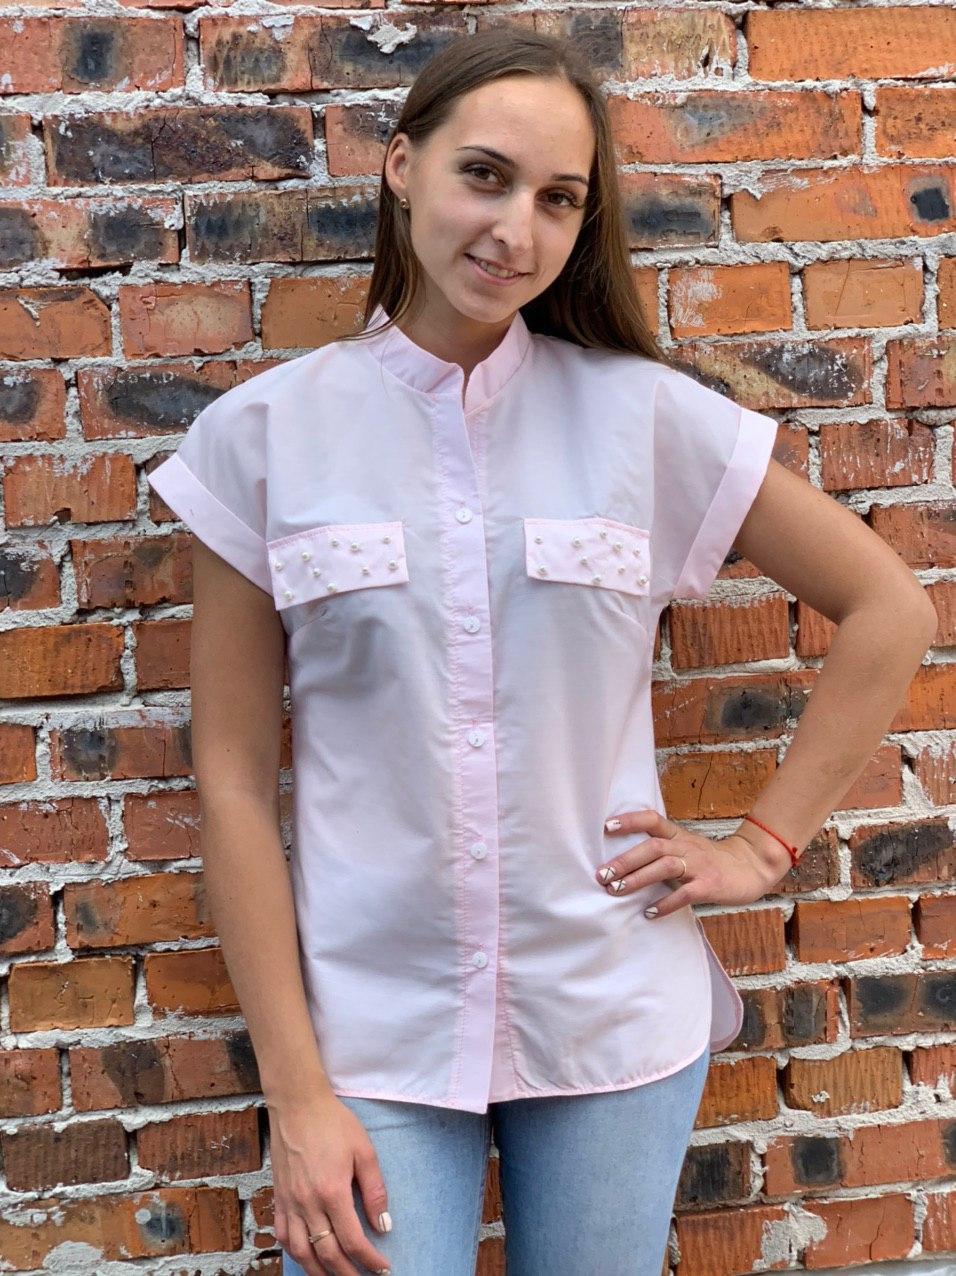 Женская рубашка с жемчугом с коротким рукавом.